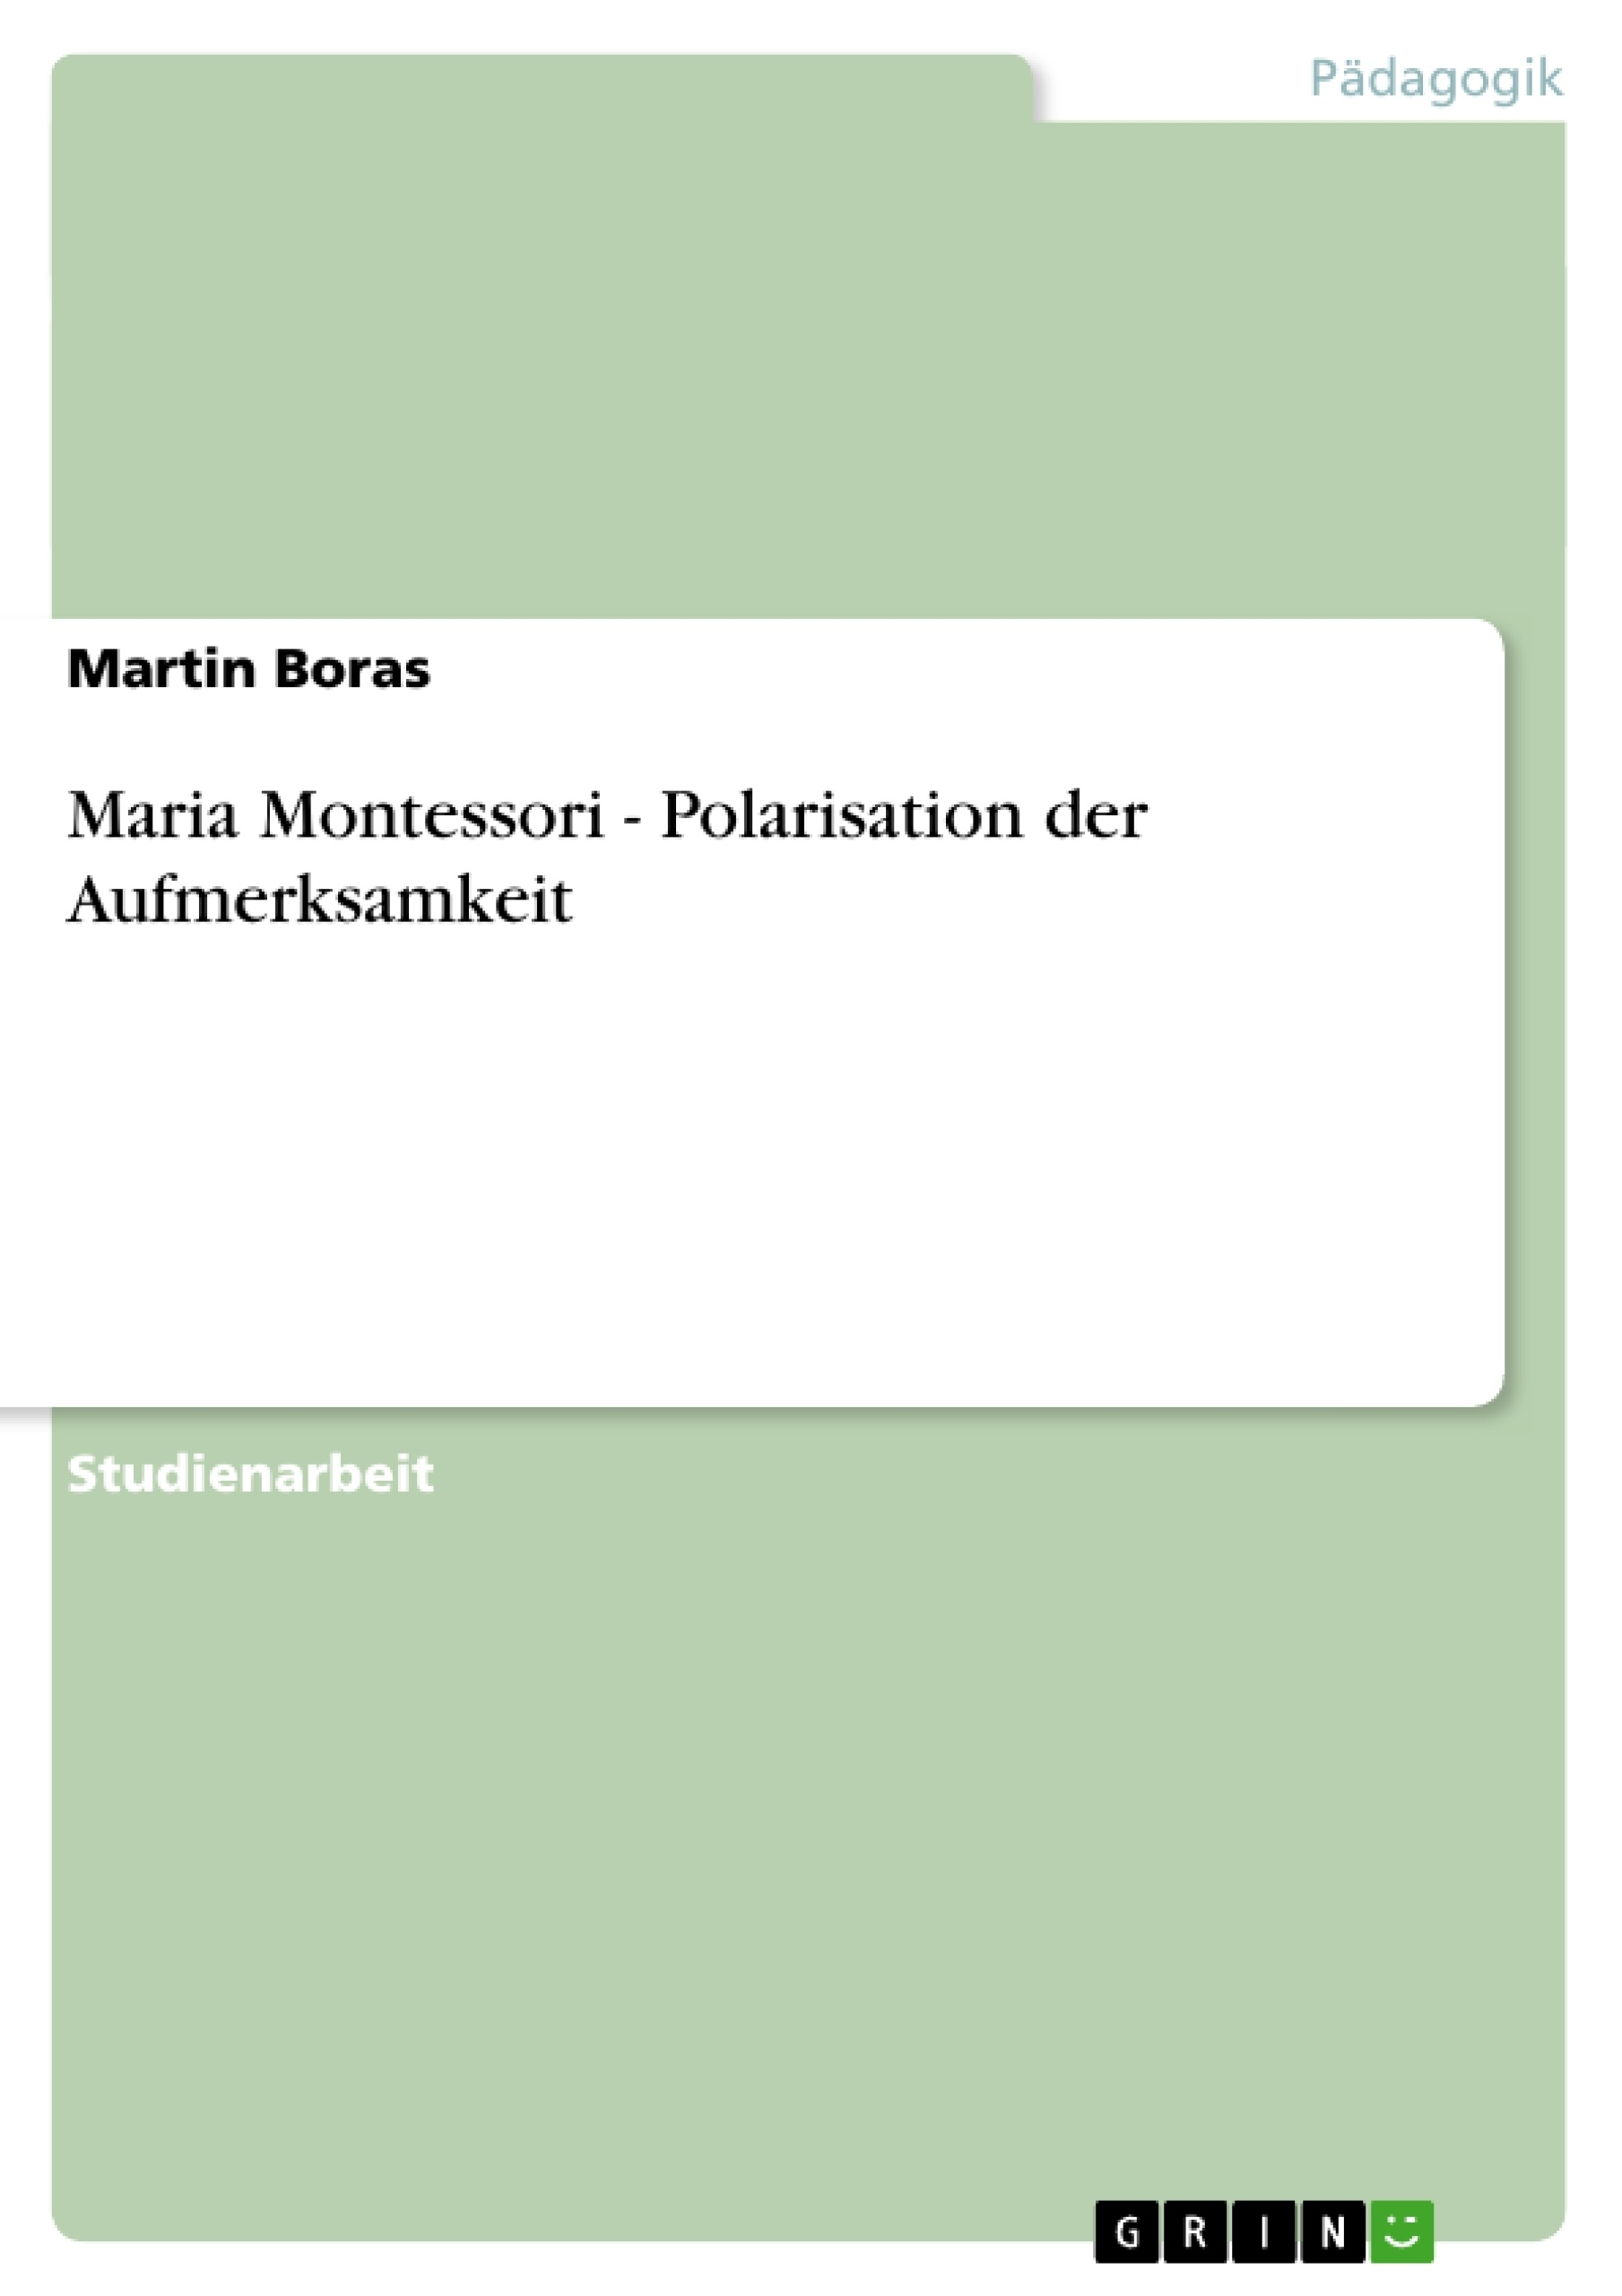 Titel: Maria Montessori - Polarisation der Aufmerksamkeit